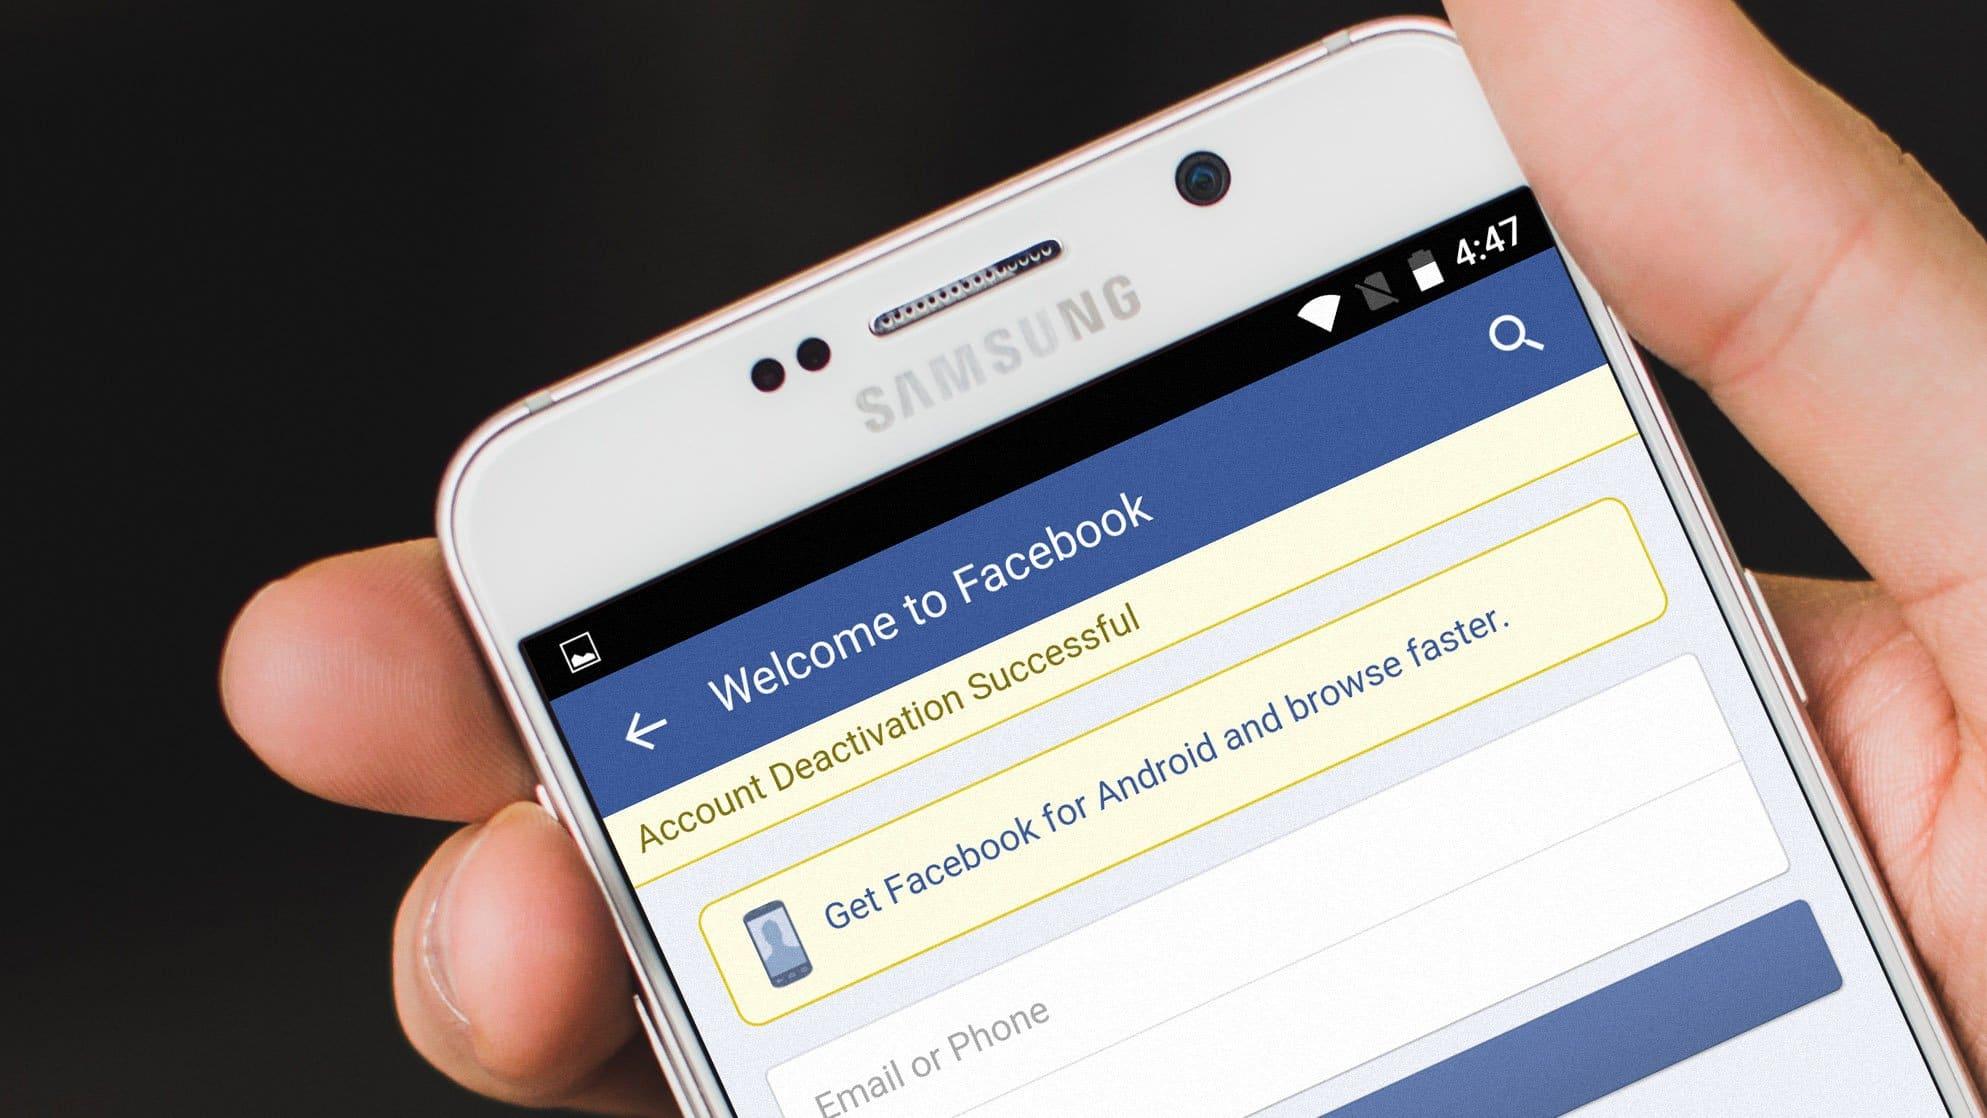 ماذا يحدث عندما تقوم بتعطيل Deactivate حسابك على موقع فيسبوك